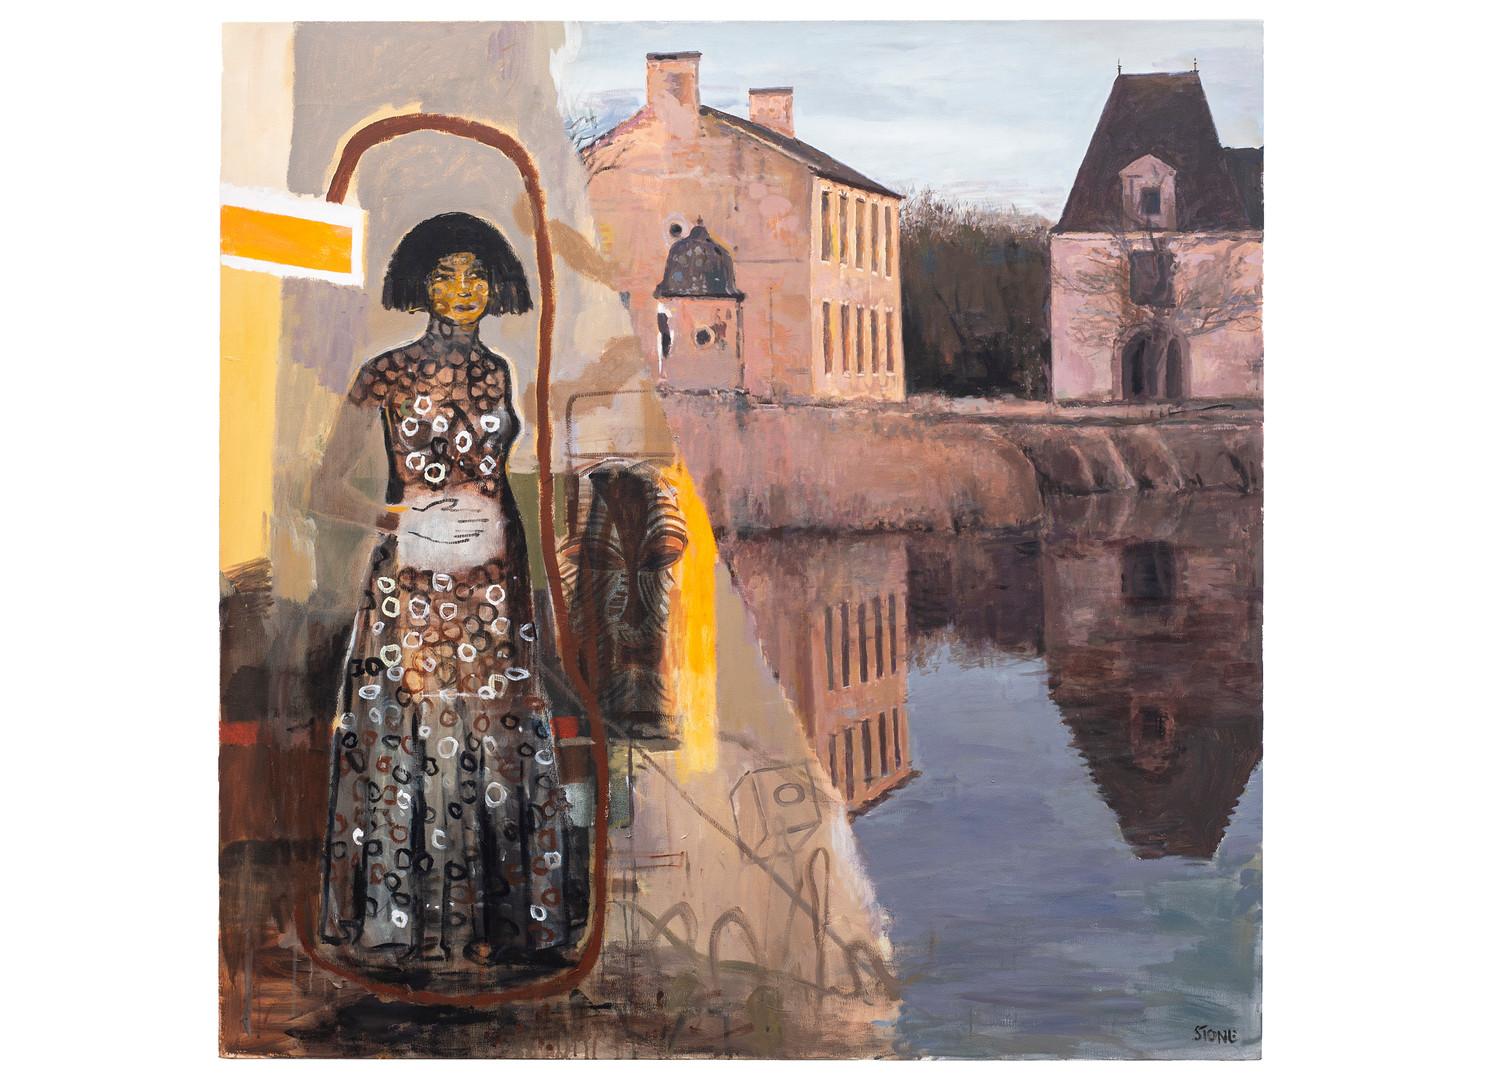 Simon Stone | Farm House | 2020 | Acrylic on Canvas | 160 x 160 cm